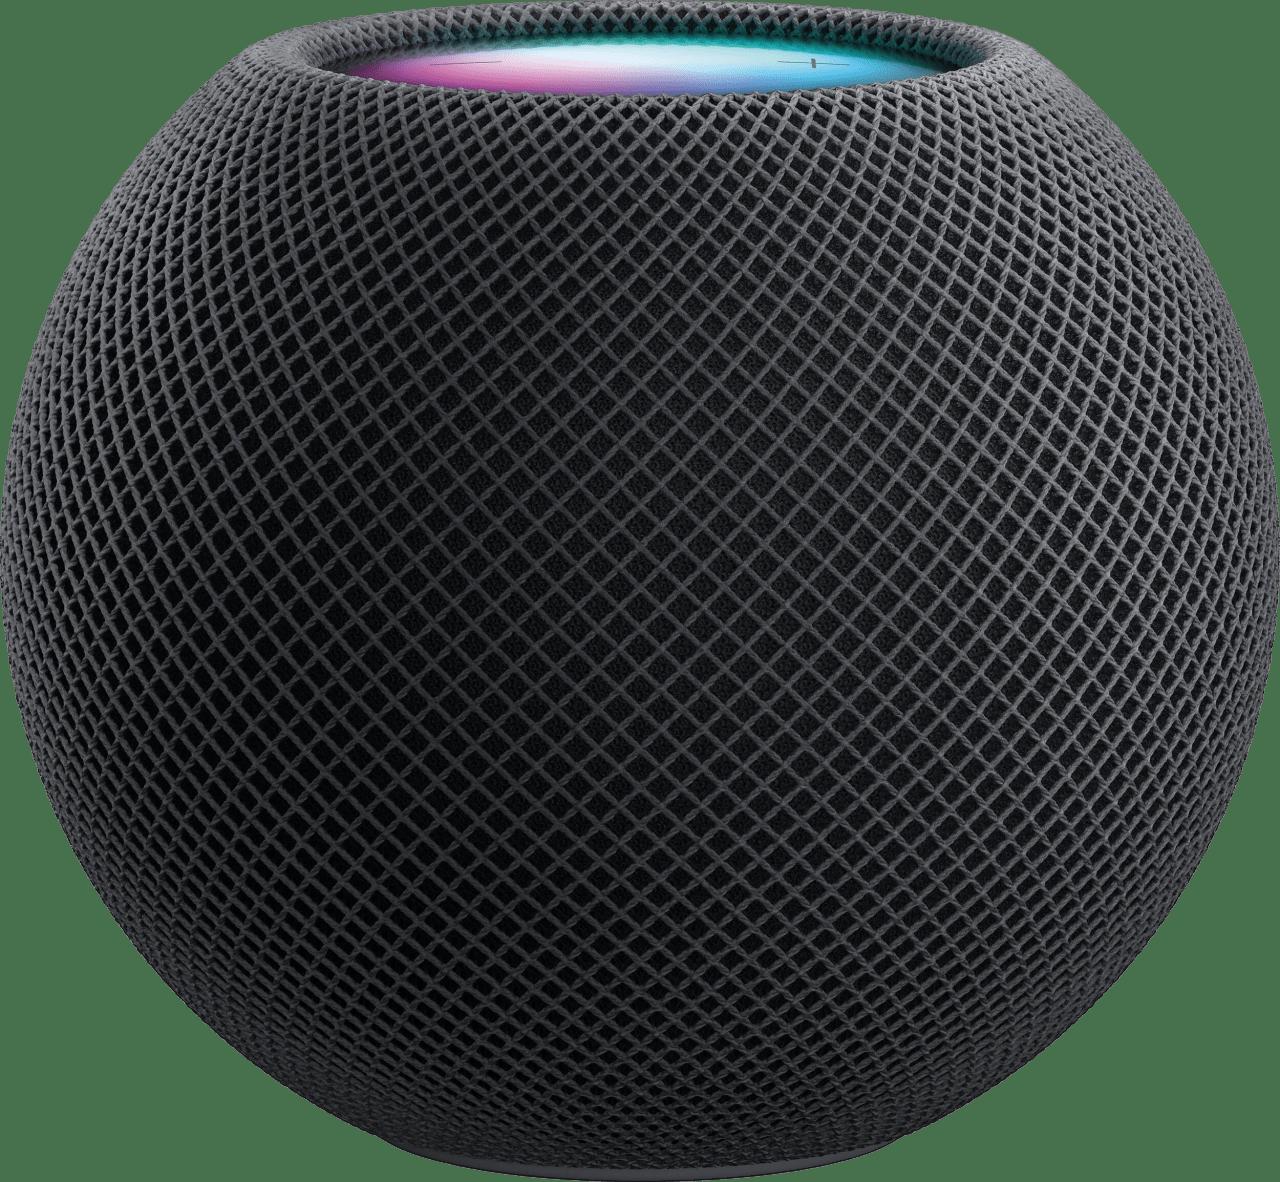 Space grau Apple HomePod mini.1